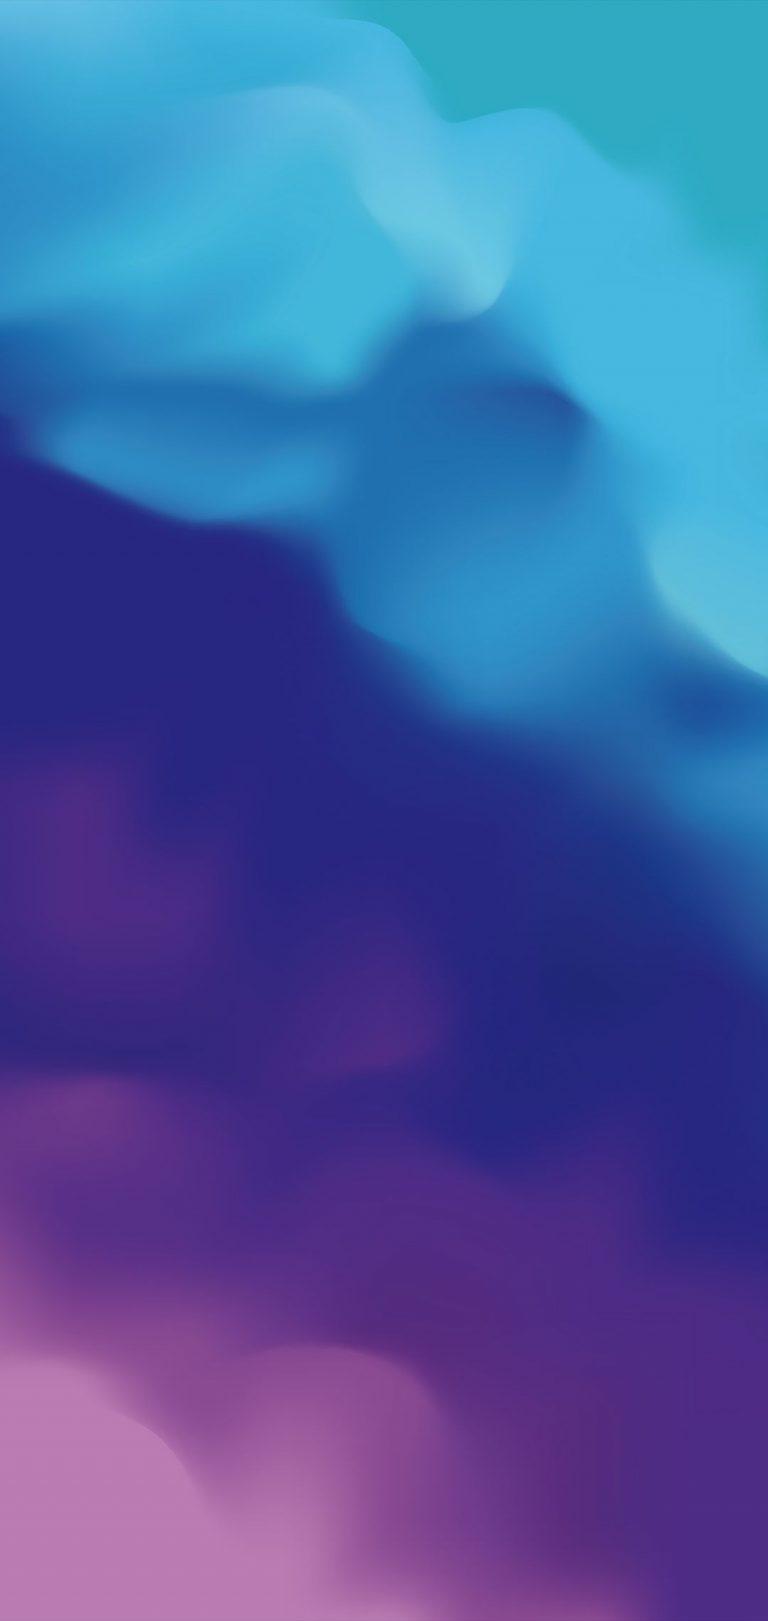 ZTE Axon 10 Pro Stock Wallpaper 08 1080x2280 768x1621